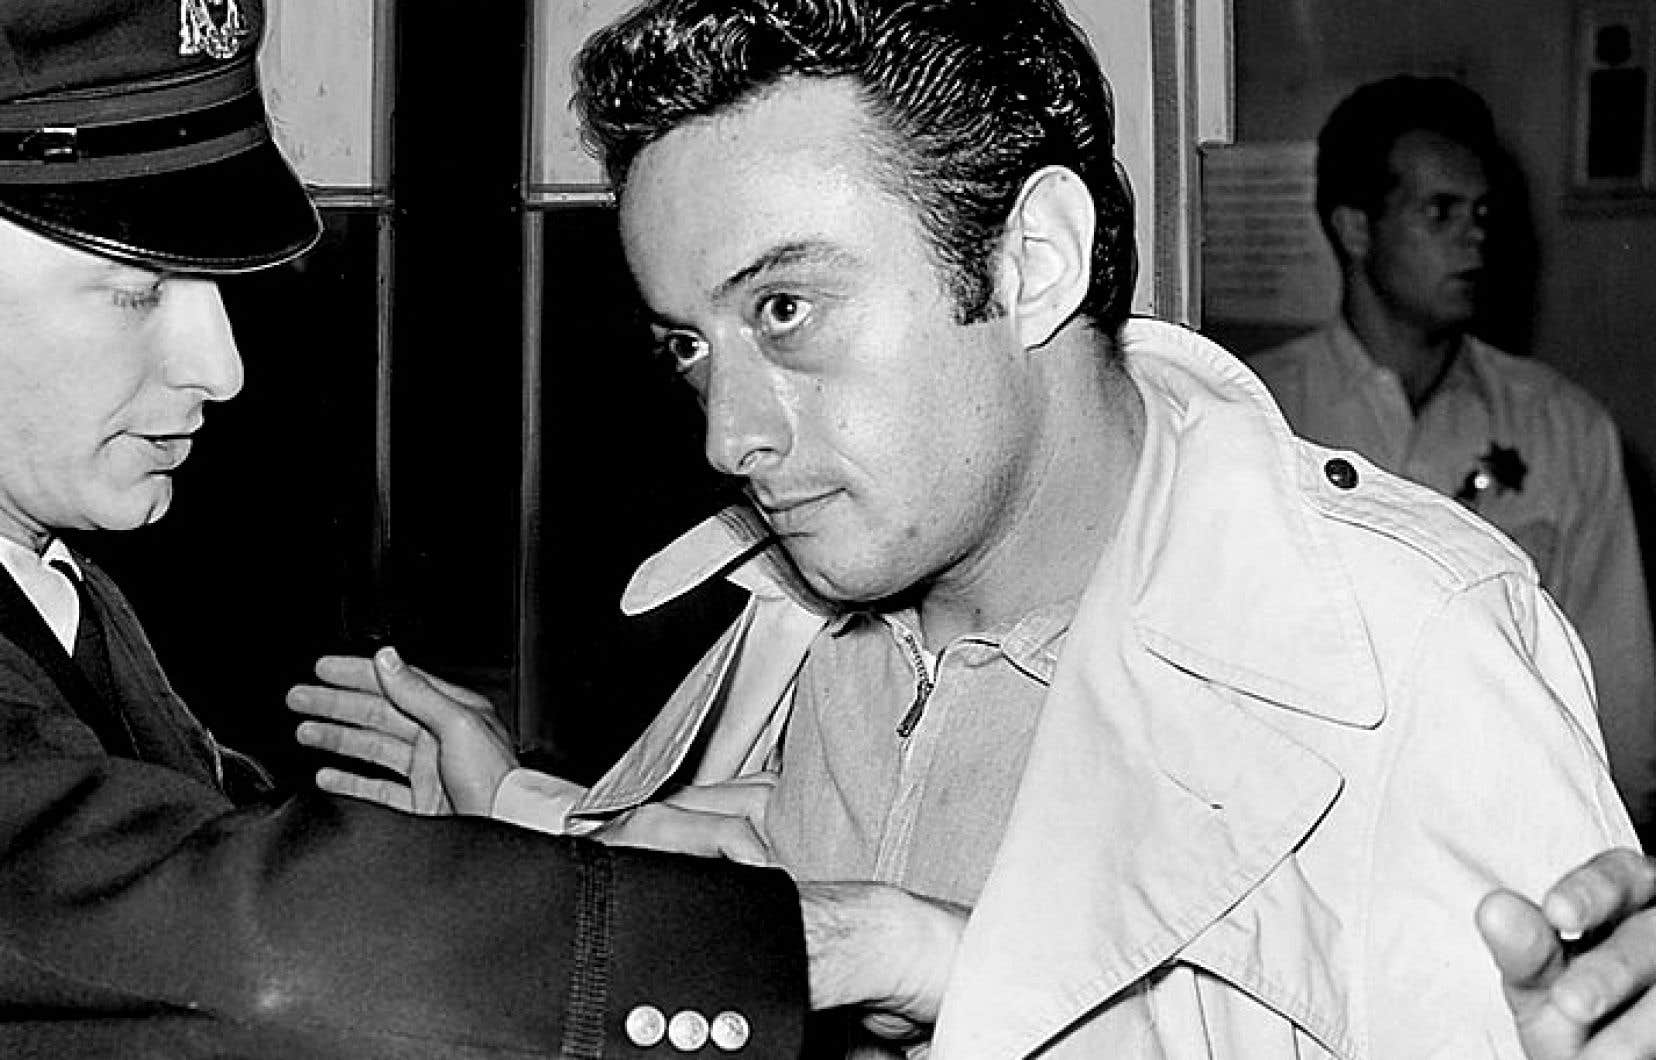 Personnage sulfureux, Lenny Bruce s'est fait arrêter en 1961 pour avoir prononcé sur scène le mot «cocksucker».